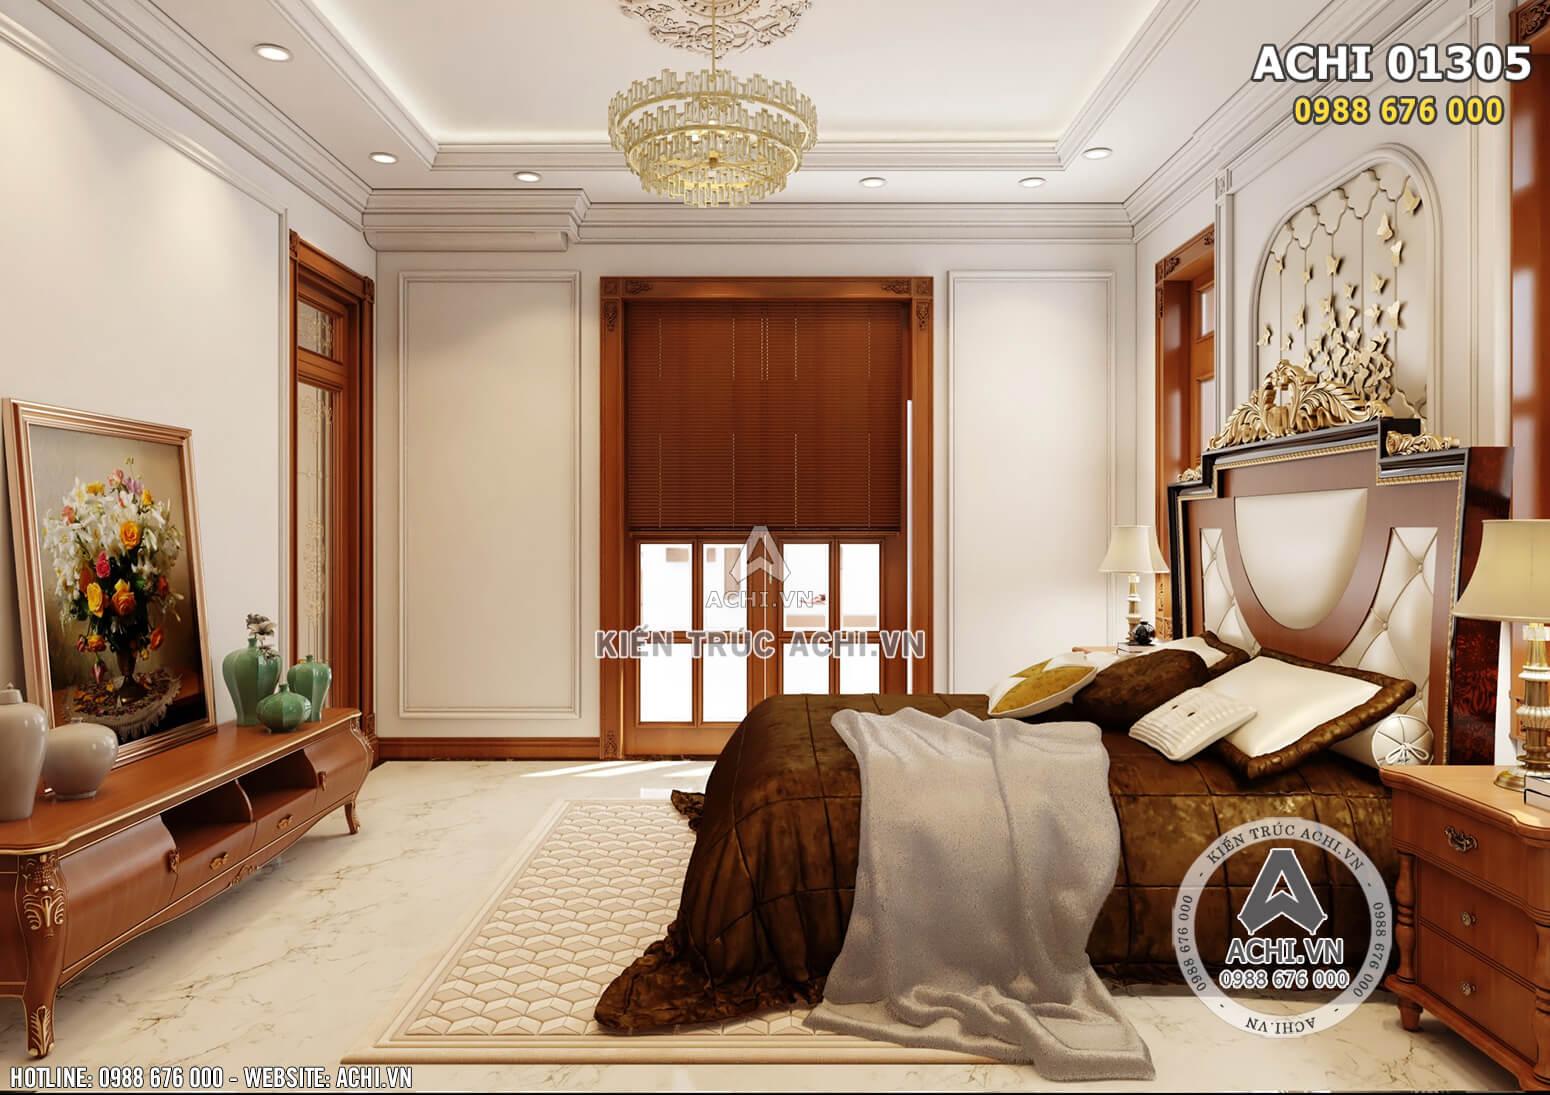 Nội thất phòng ngủ đơn giản mà sang trọng, tinh tế